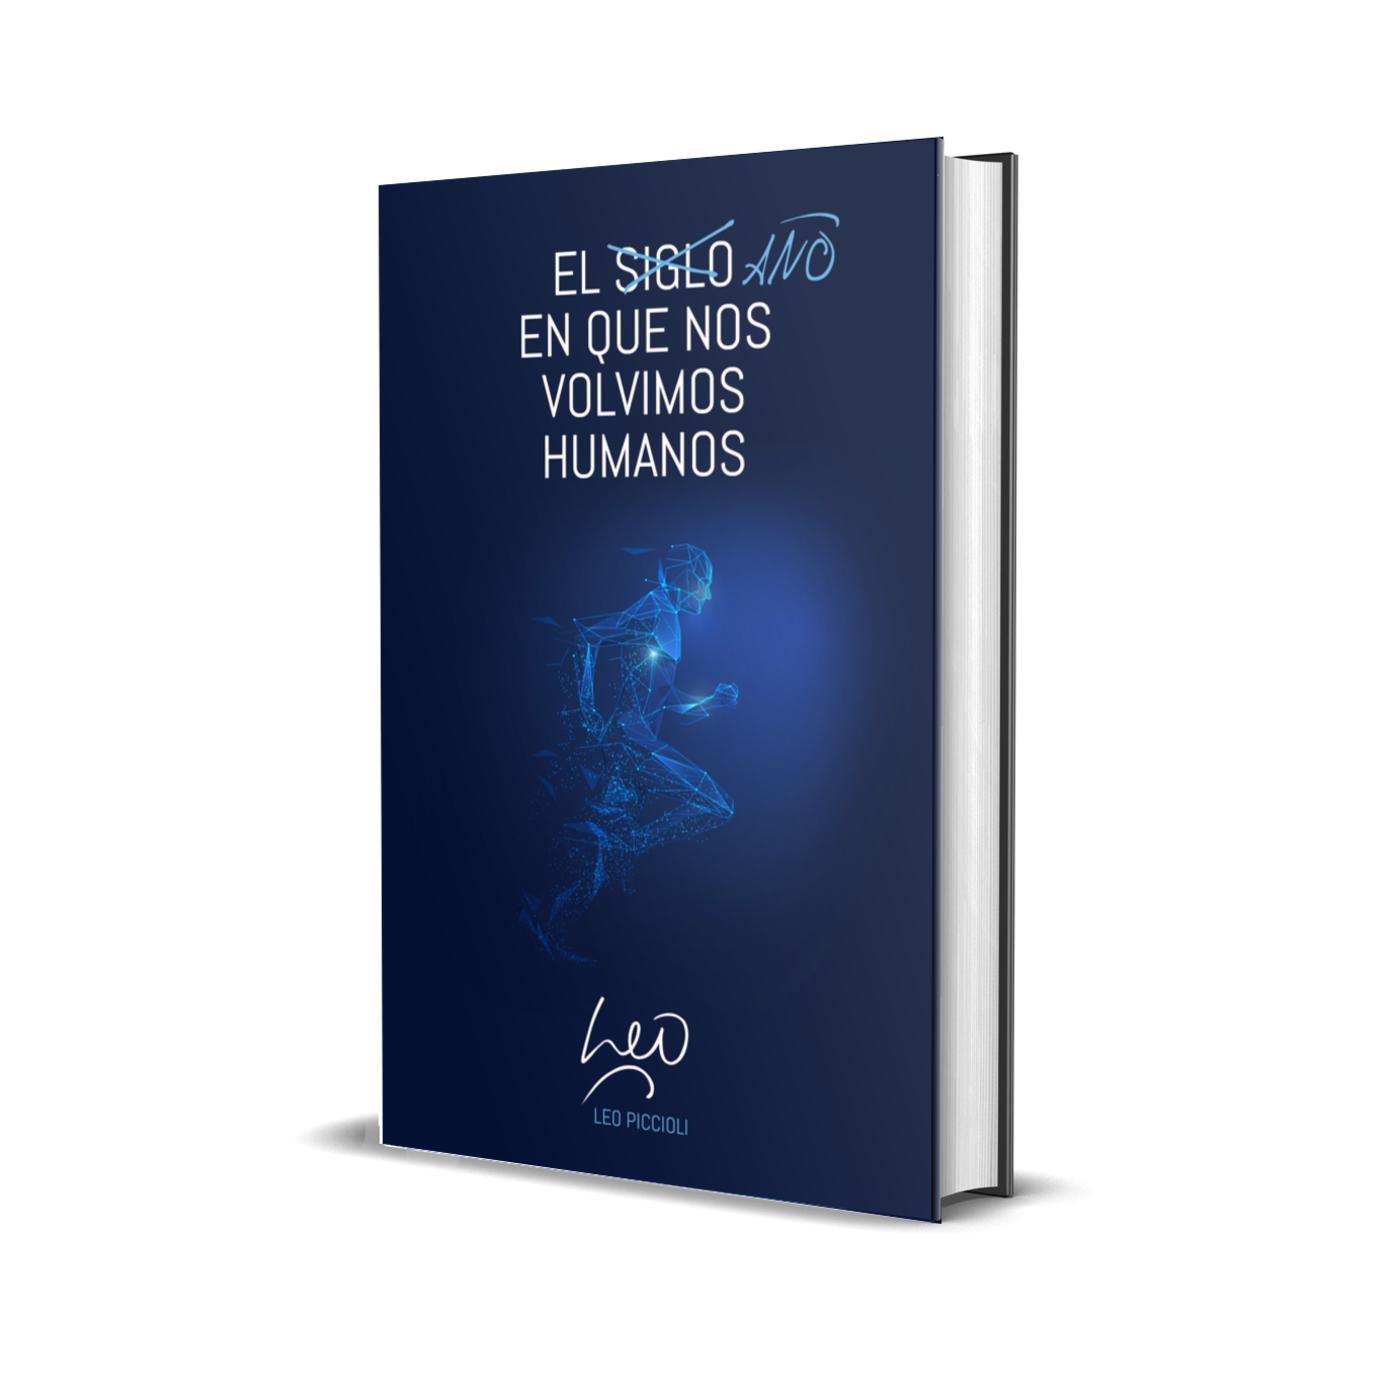 El año en que nos volvimos humanos - nuevo libro de Leo Piccioli